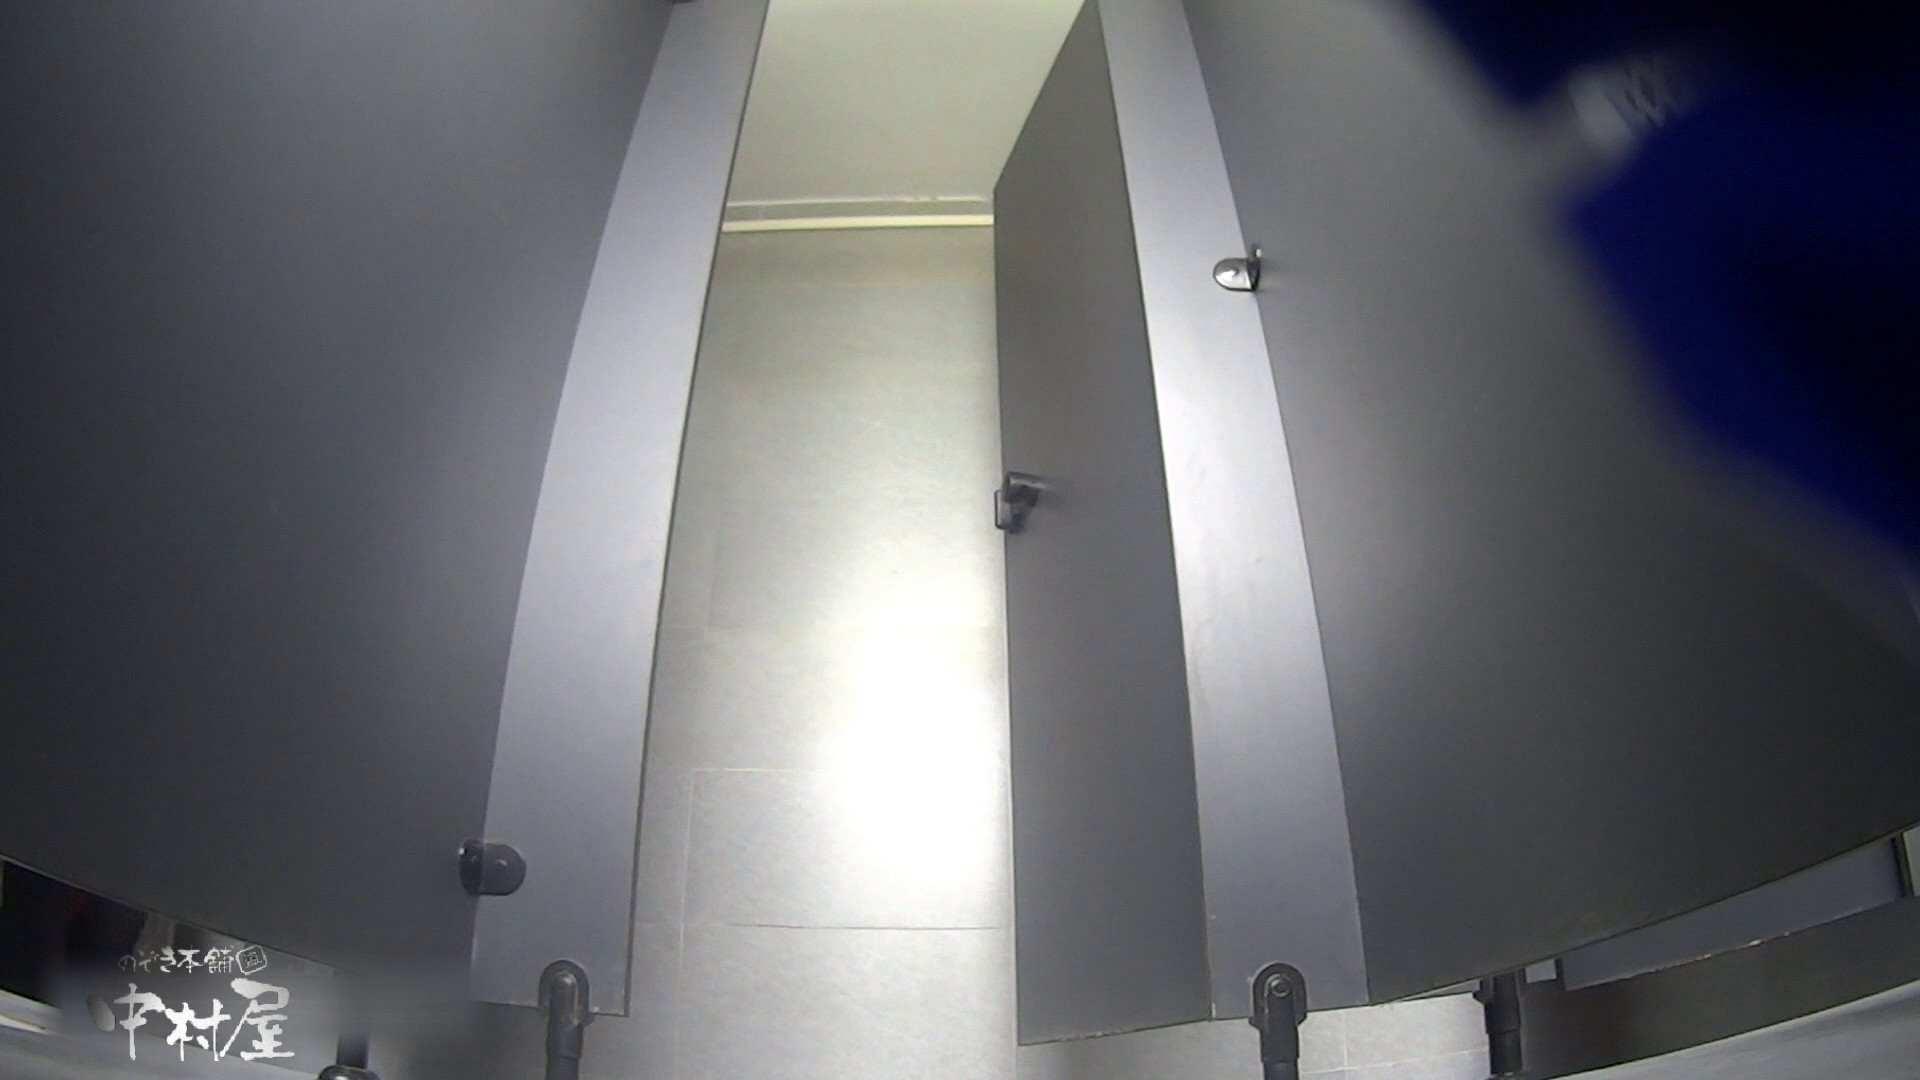 ツンデレお女市さんのトイレ事情 大学休憩時間の洗面所事情32 0  44連発 2